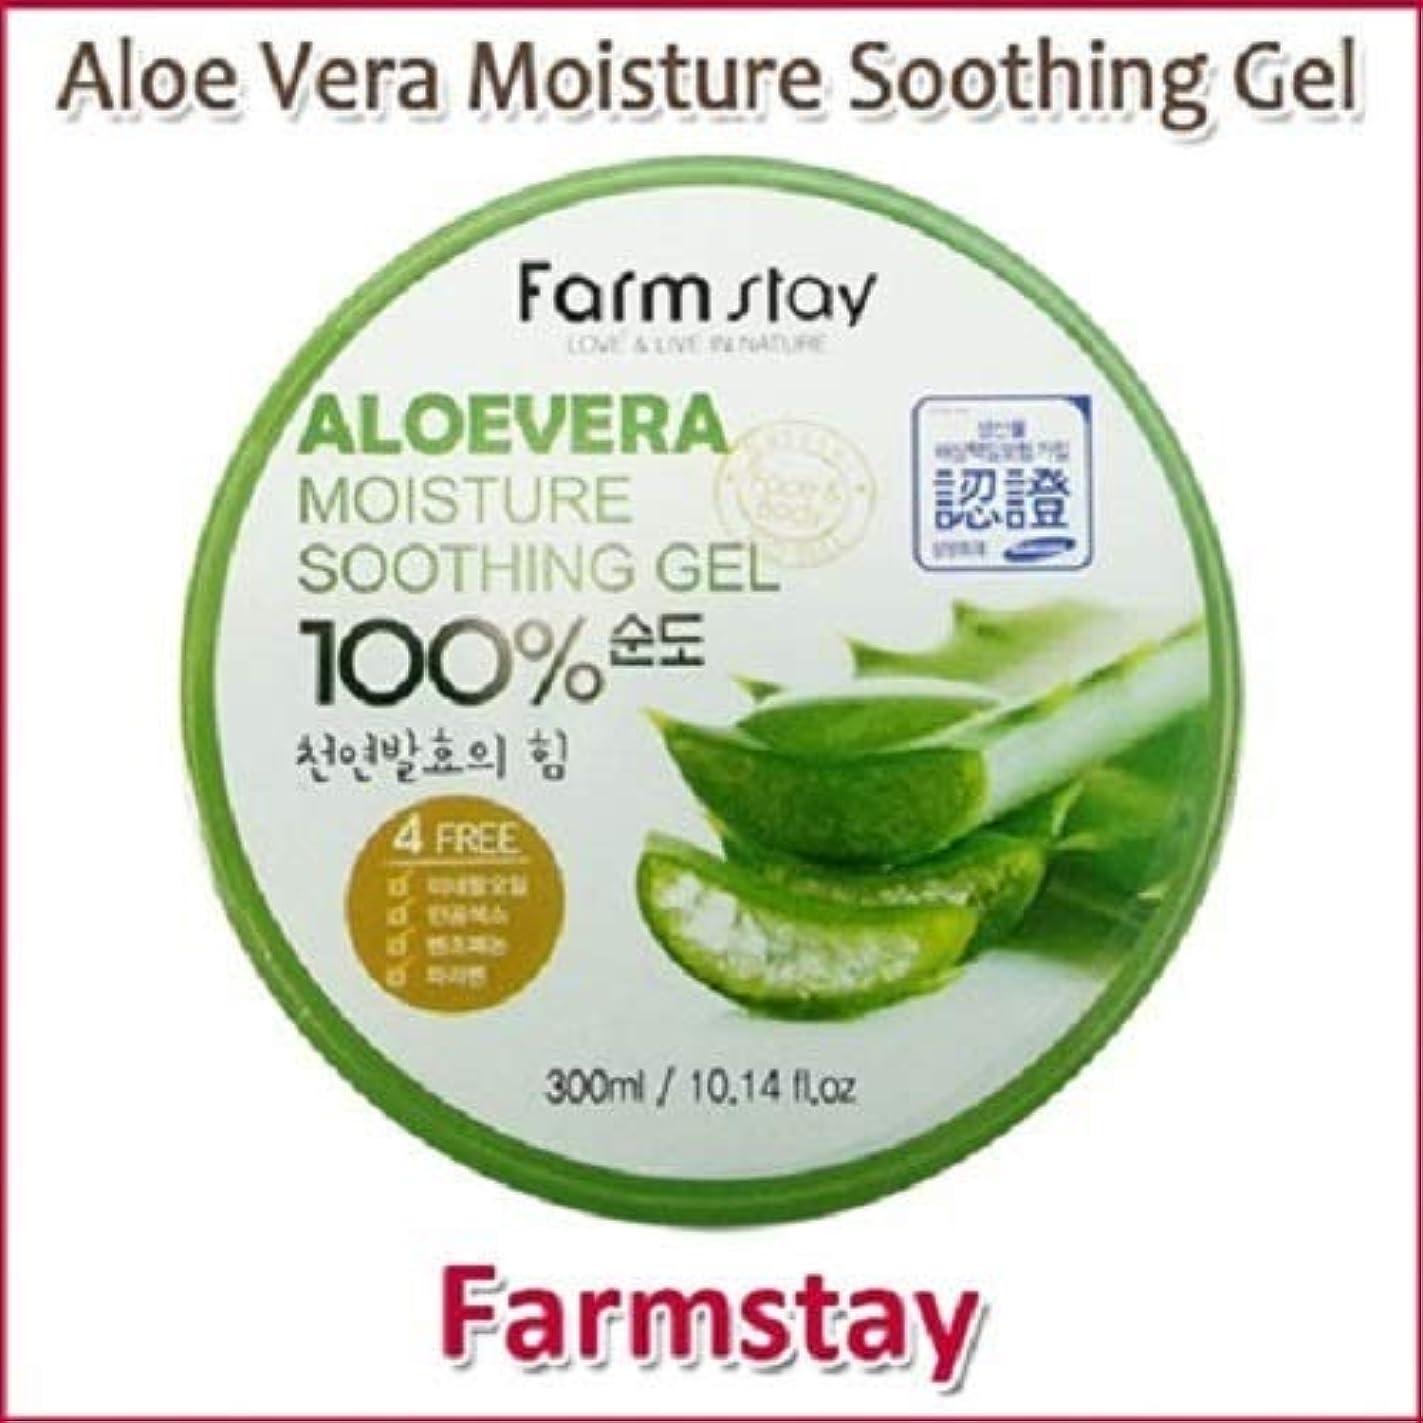 消費もの直面するFarm Stay Aloe Vera Moisture Soothing Gel 300ml /オーガニック アロエベラゲル 100%/保湿ケア/韓国コスメ/Aloe Vera 100% /Moisturizing [並行輸入品]